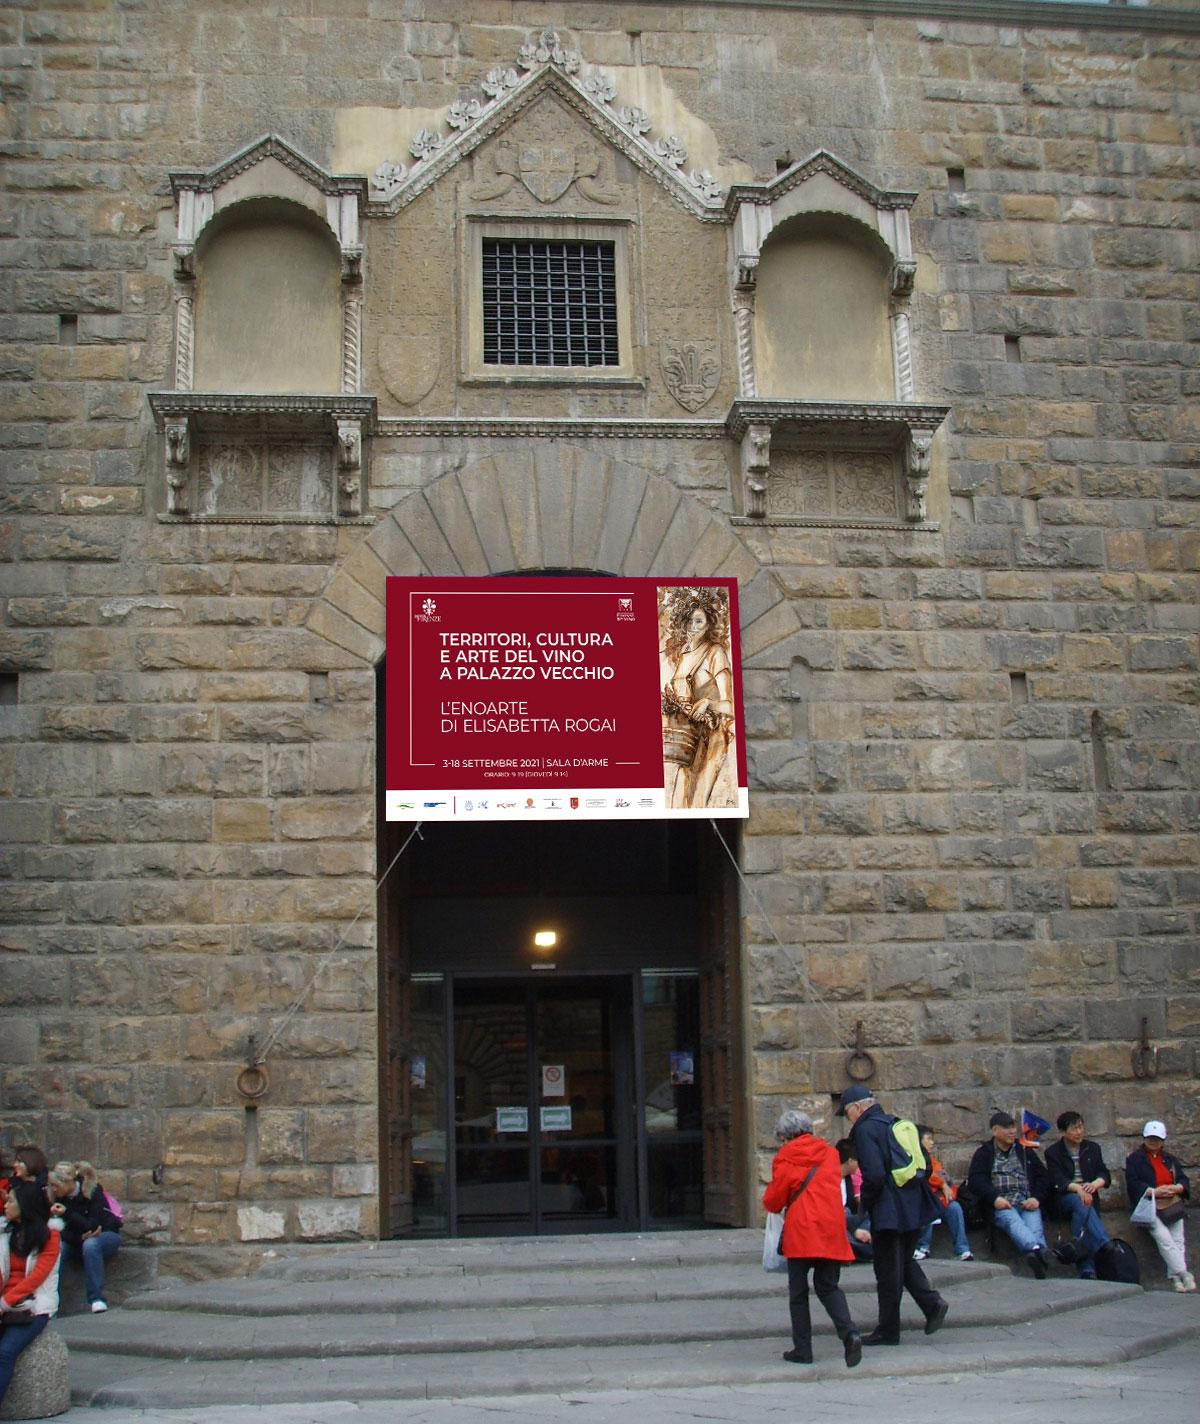 Donne del Vino a Firenze: Territori, cultura e arte del vino a Palazzo Vecchio